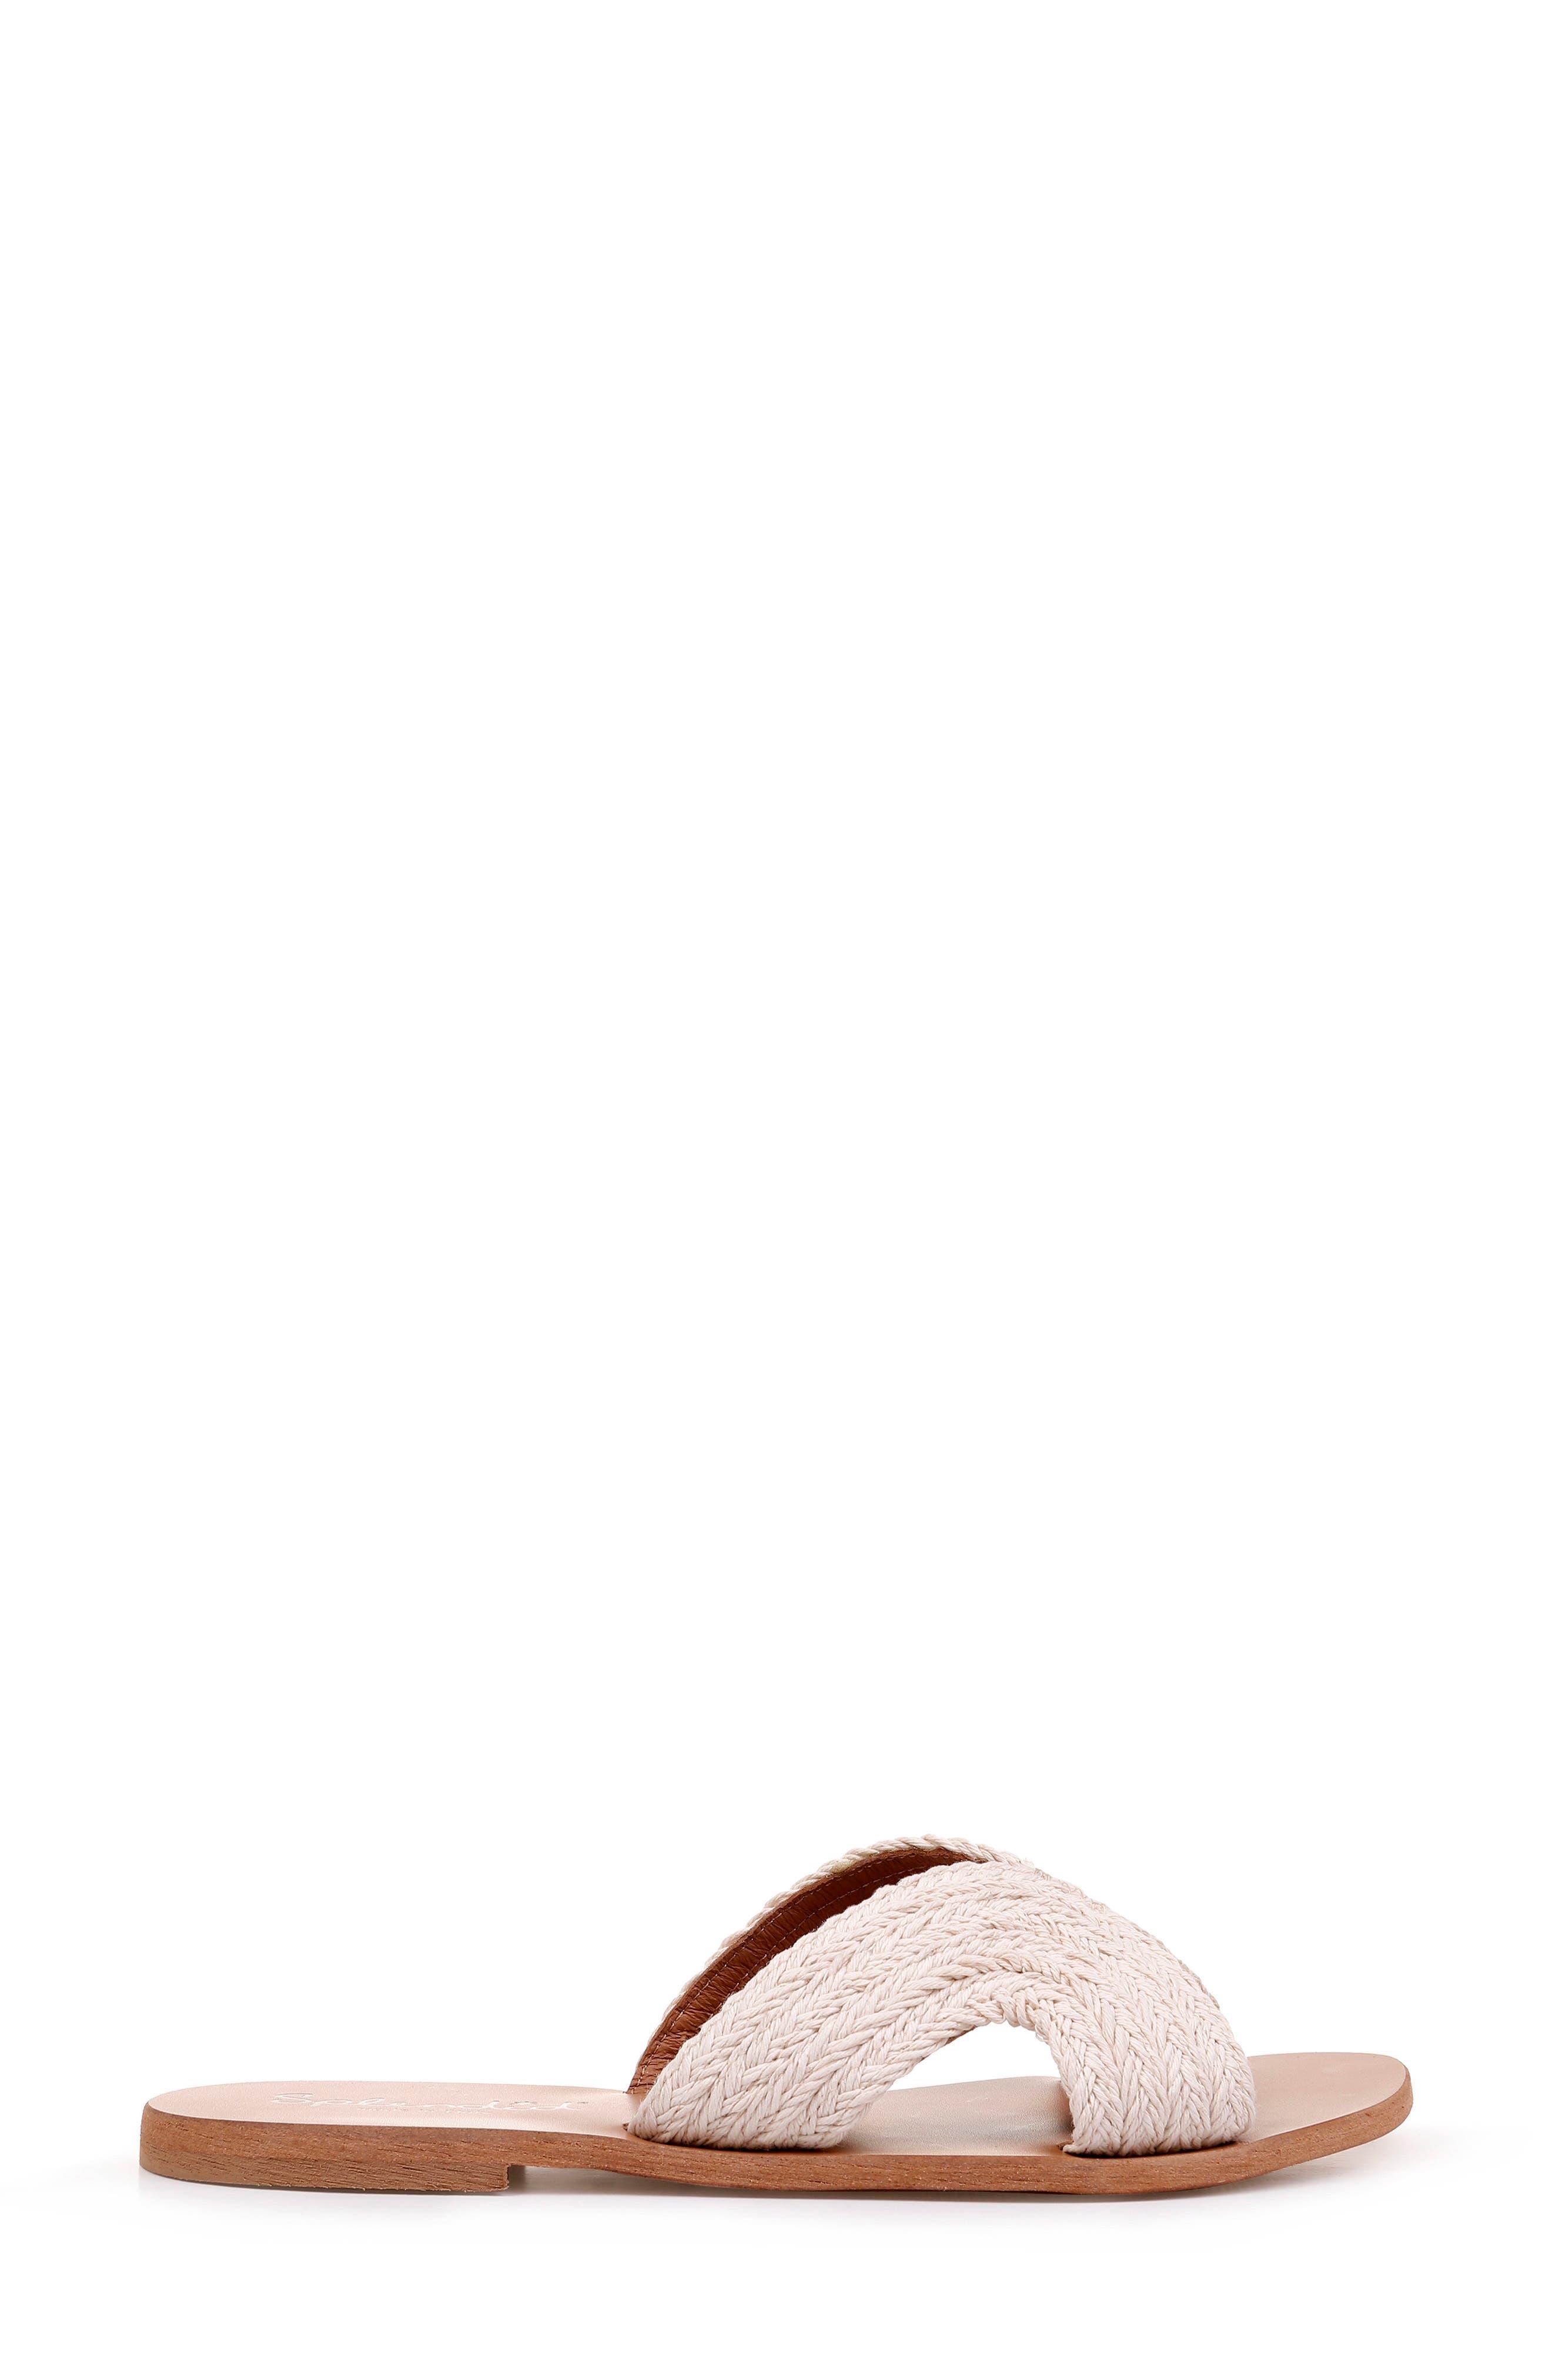 Sydney Woven Slide Sandal,                             Alternate thumbnail 3, color,                             CREAM FABRIC